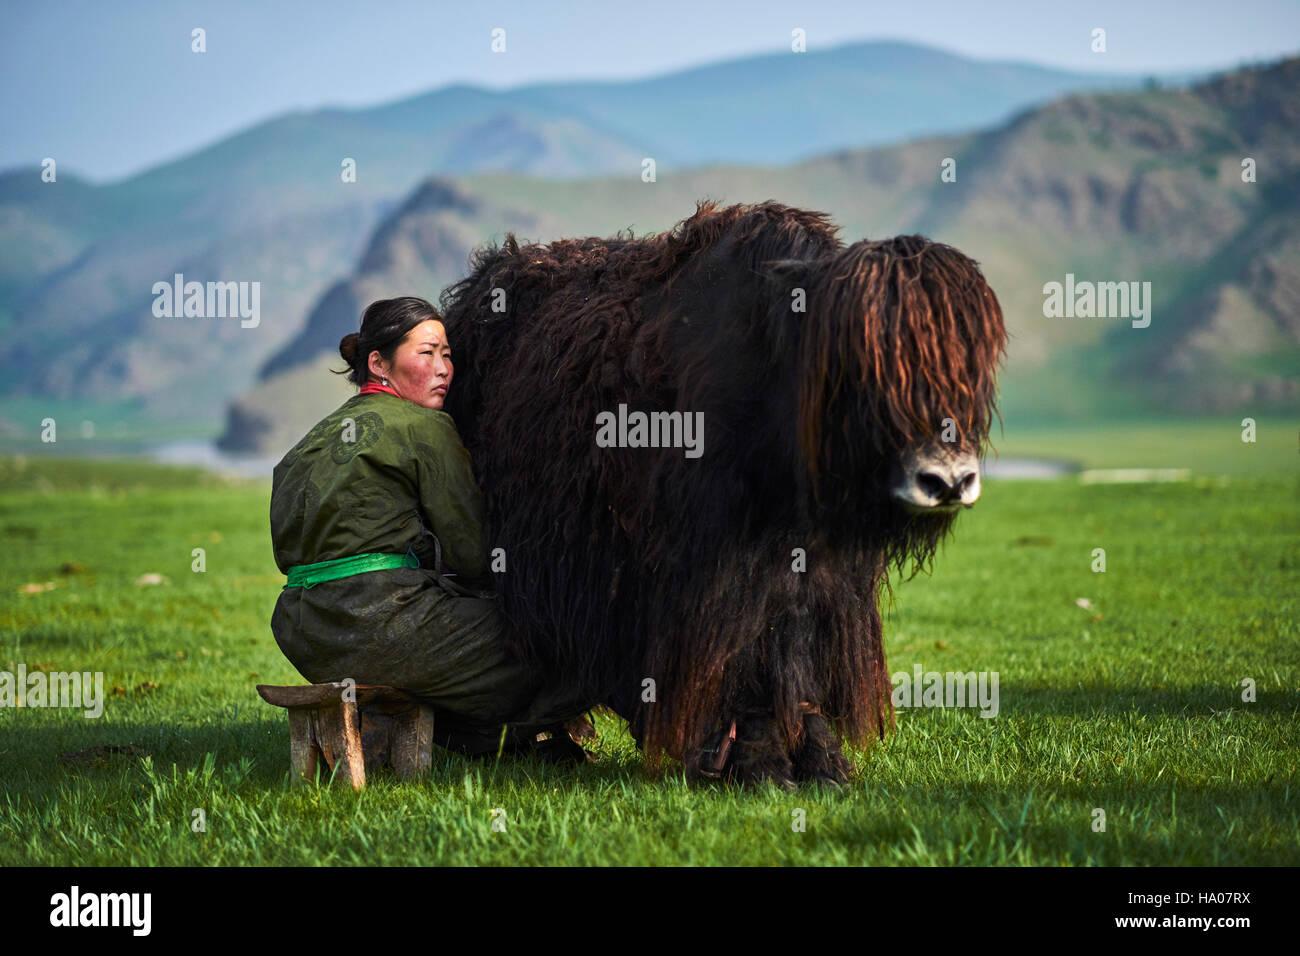 La Mongolie, province Övörkhangaï, vallée de l'Orkhon camp nomade, la traite, le yak Photo Stock